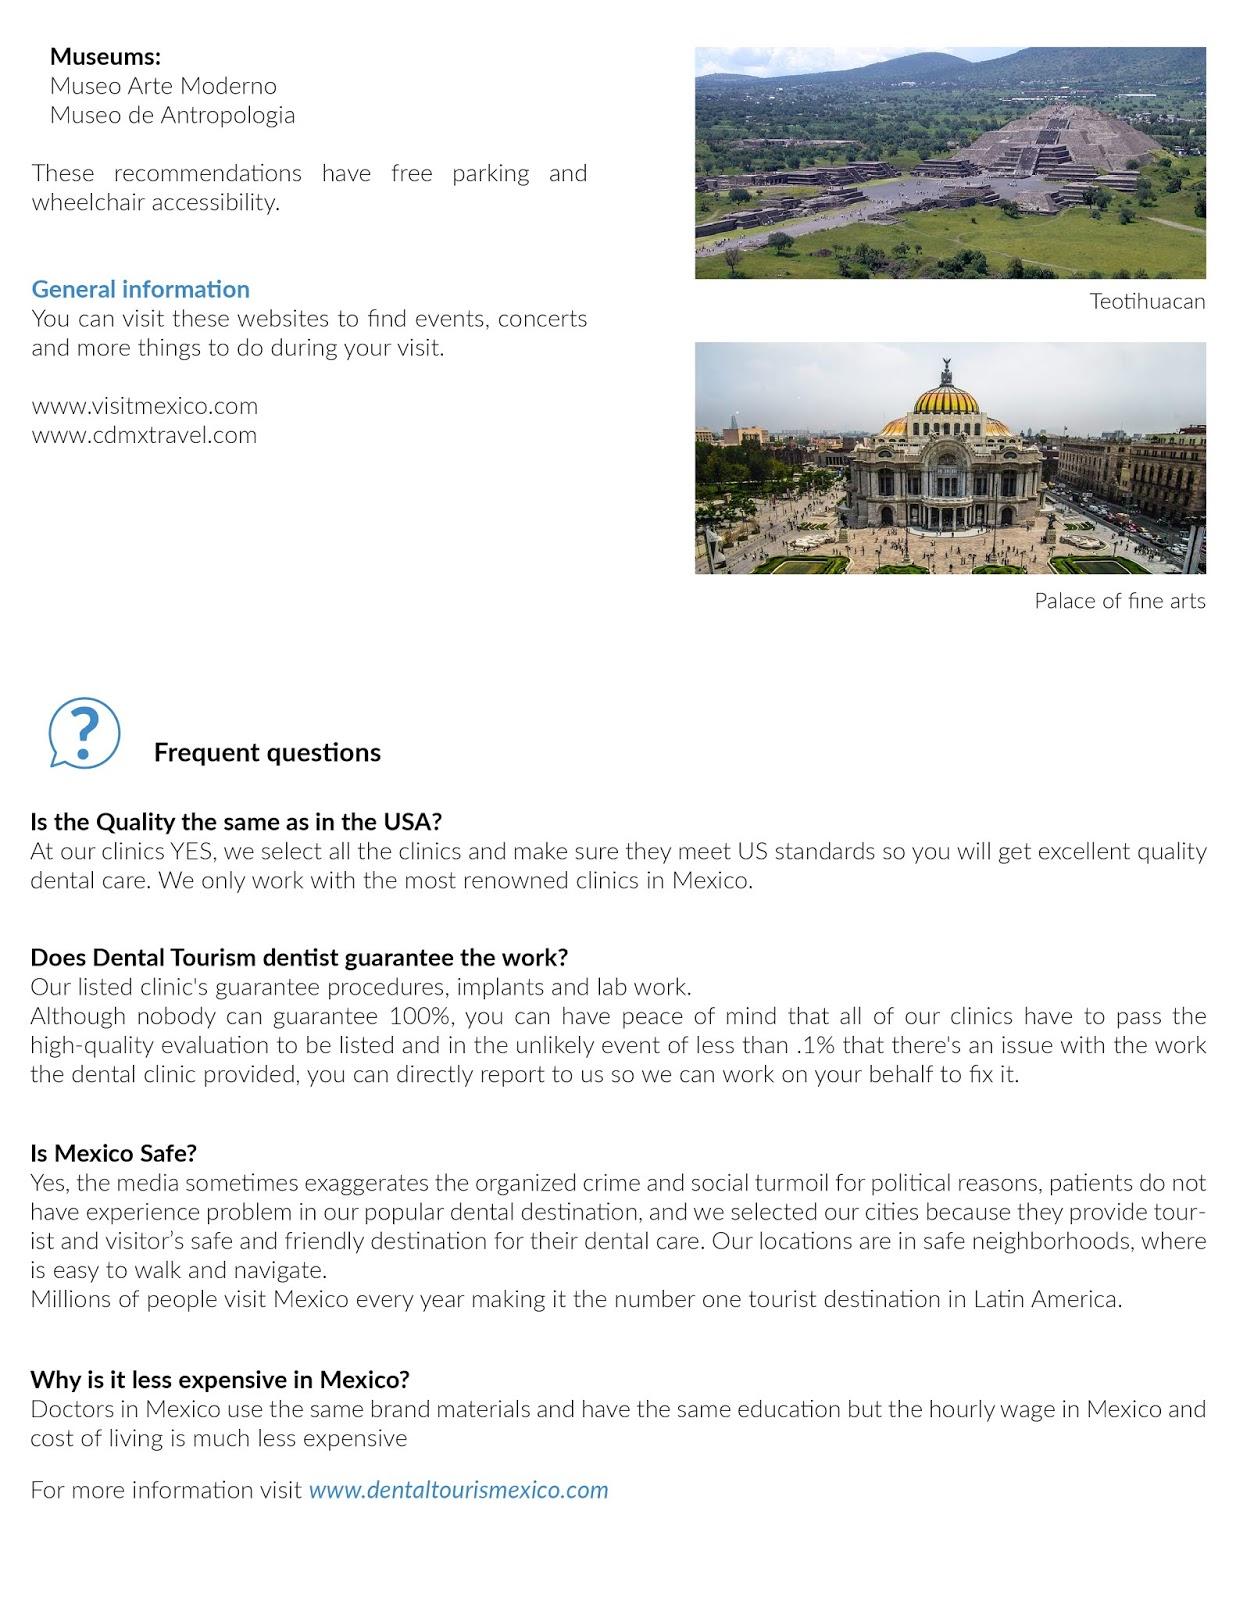 Mexico City Dental Tourism Guide